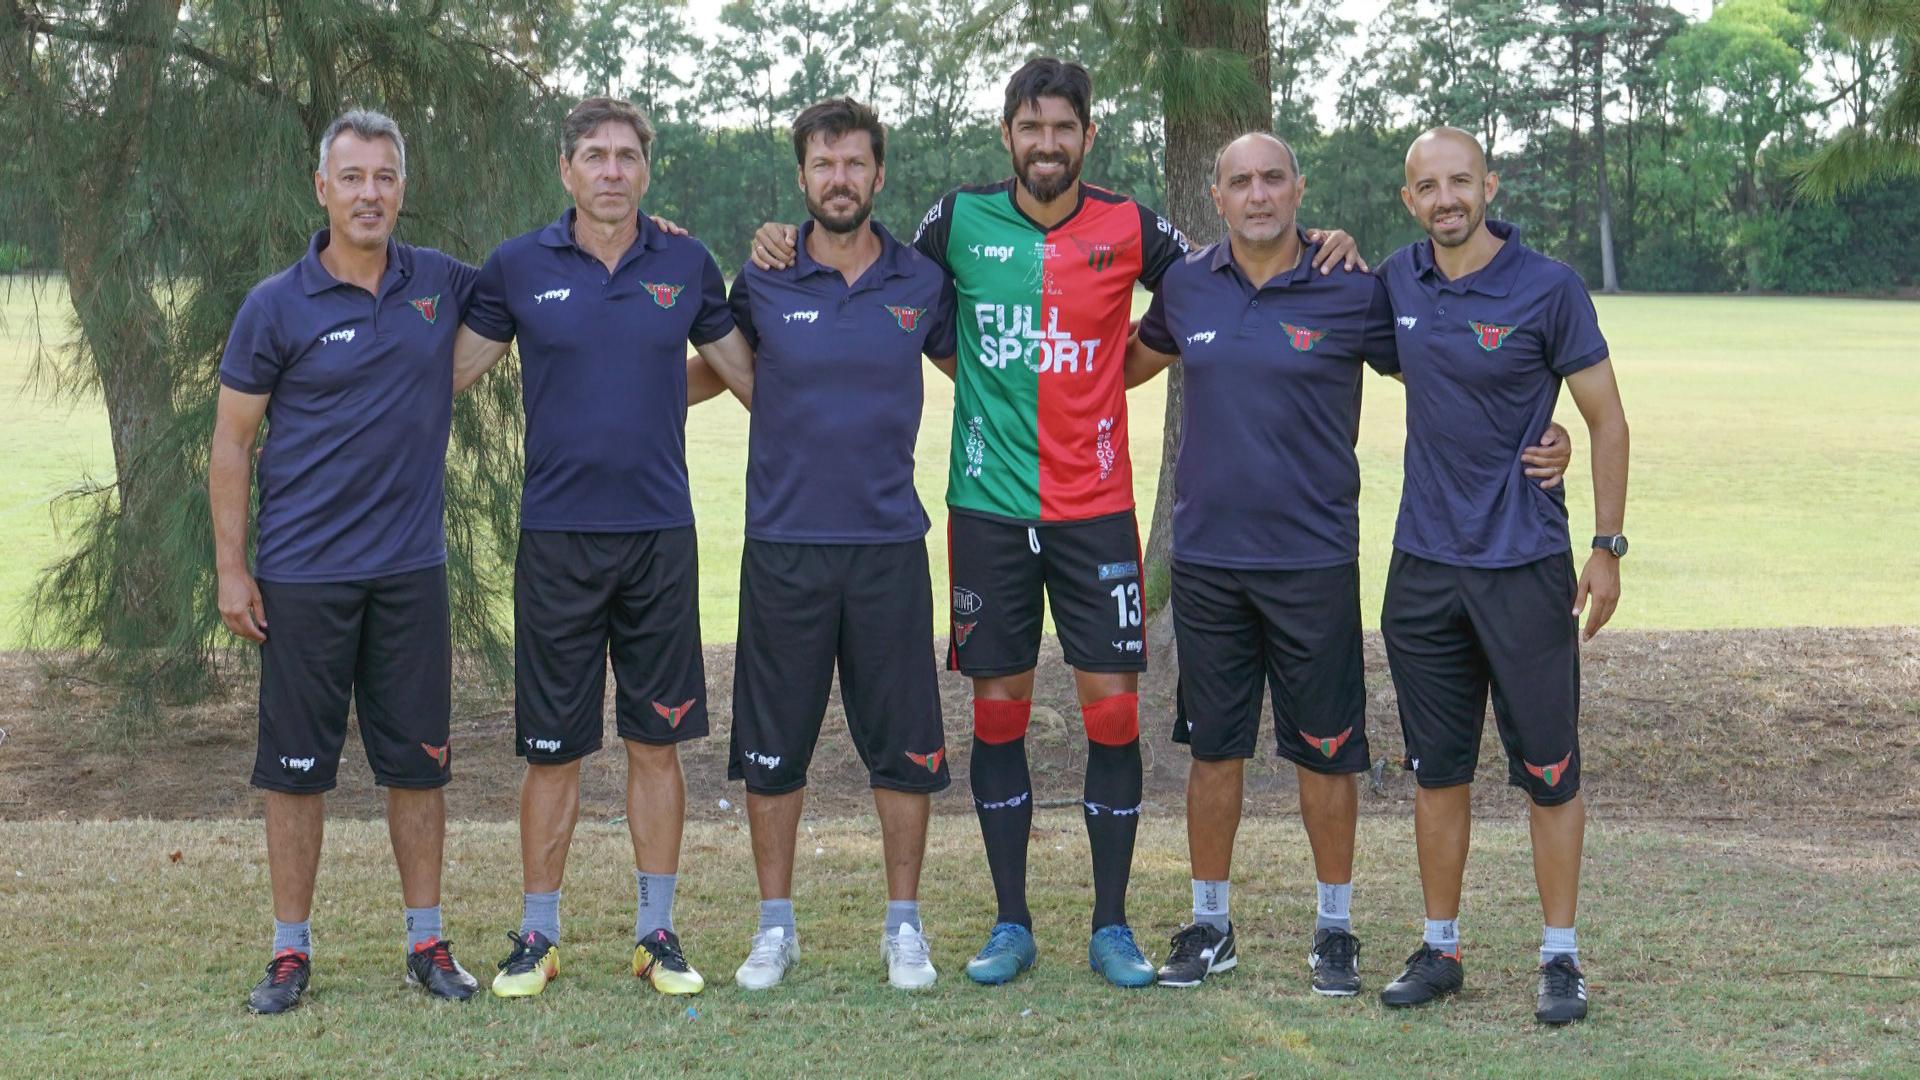 El Loco Abreu estaba de DT y entró al campo y su equipo anotó el gol del gane | Deportes Fútbol | TUDN Univision